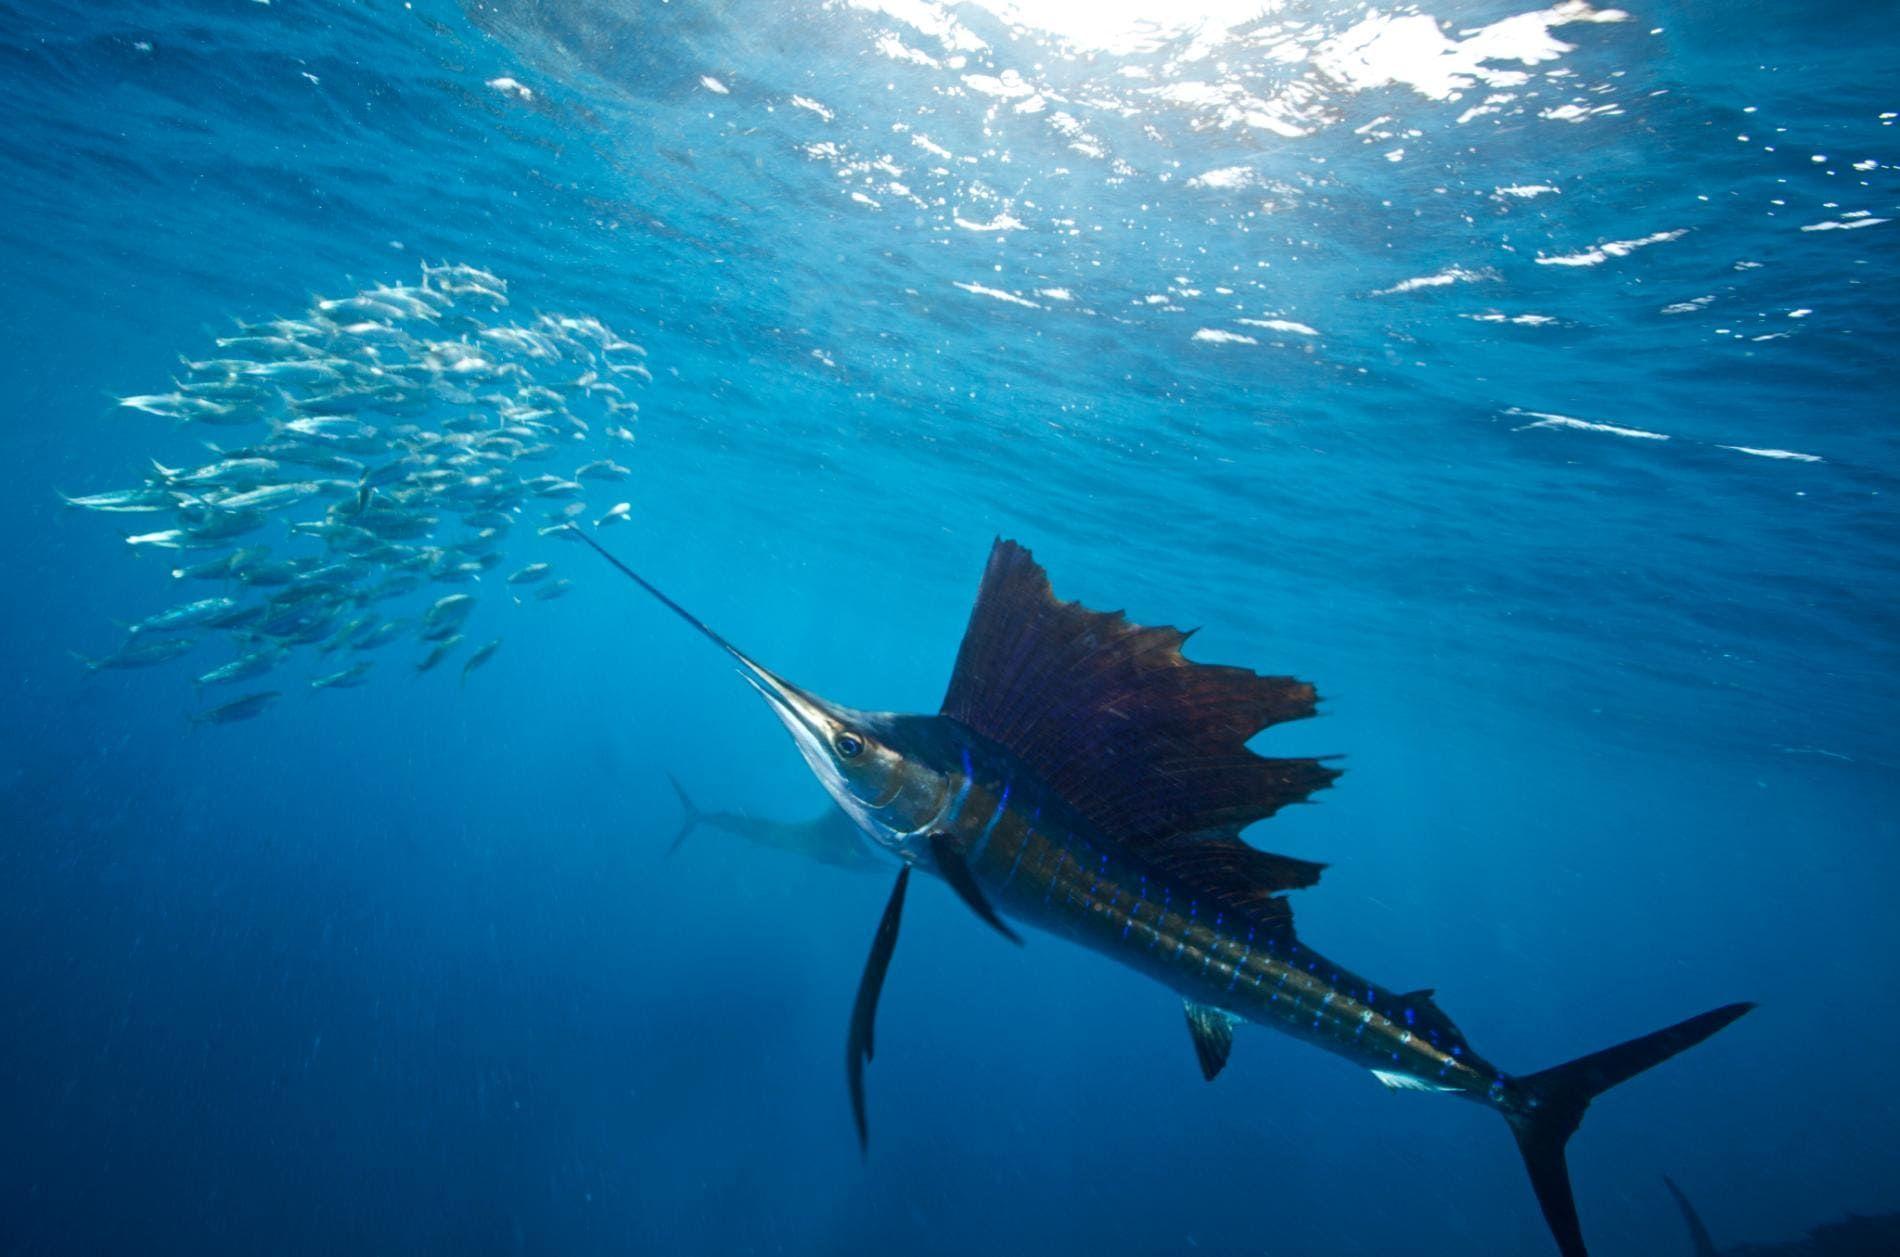 картинки про хищных рыб рецепт гнезда глухаря